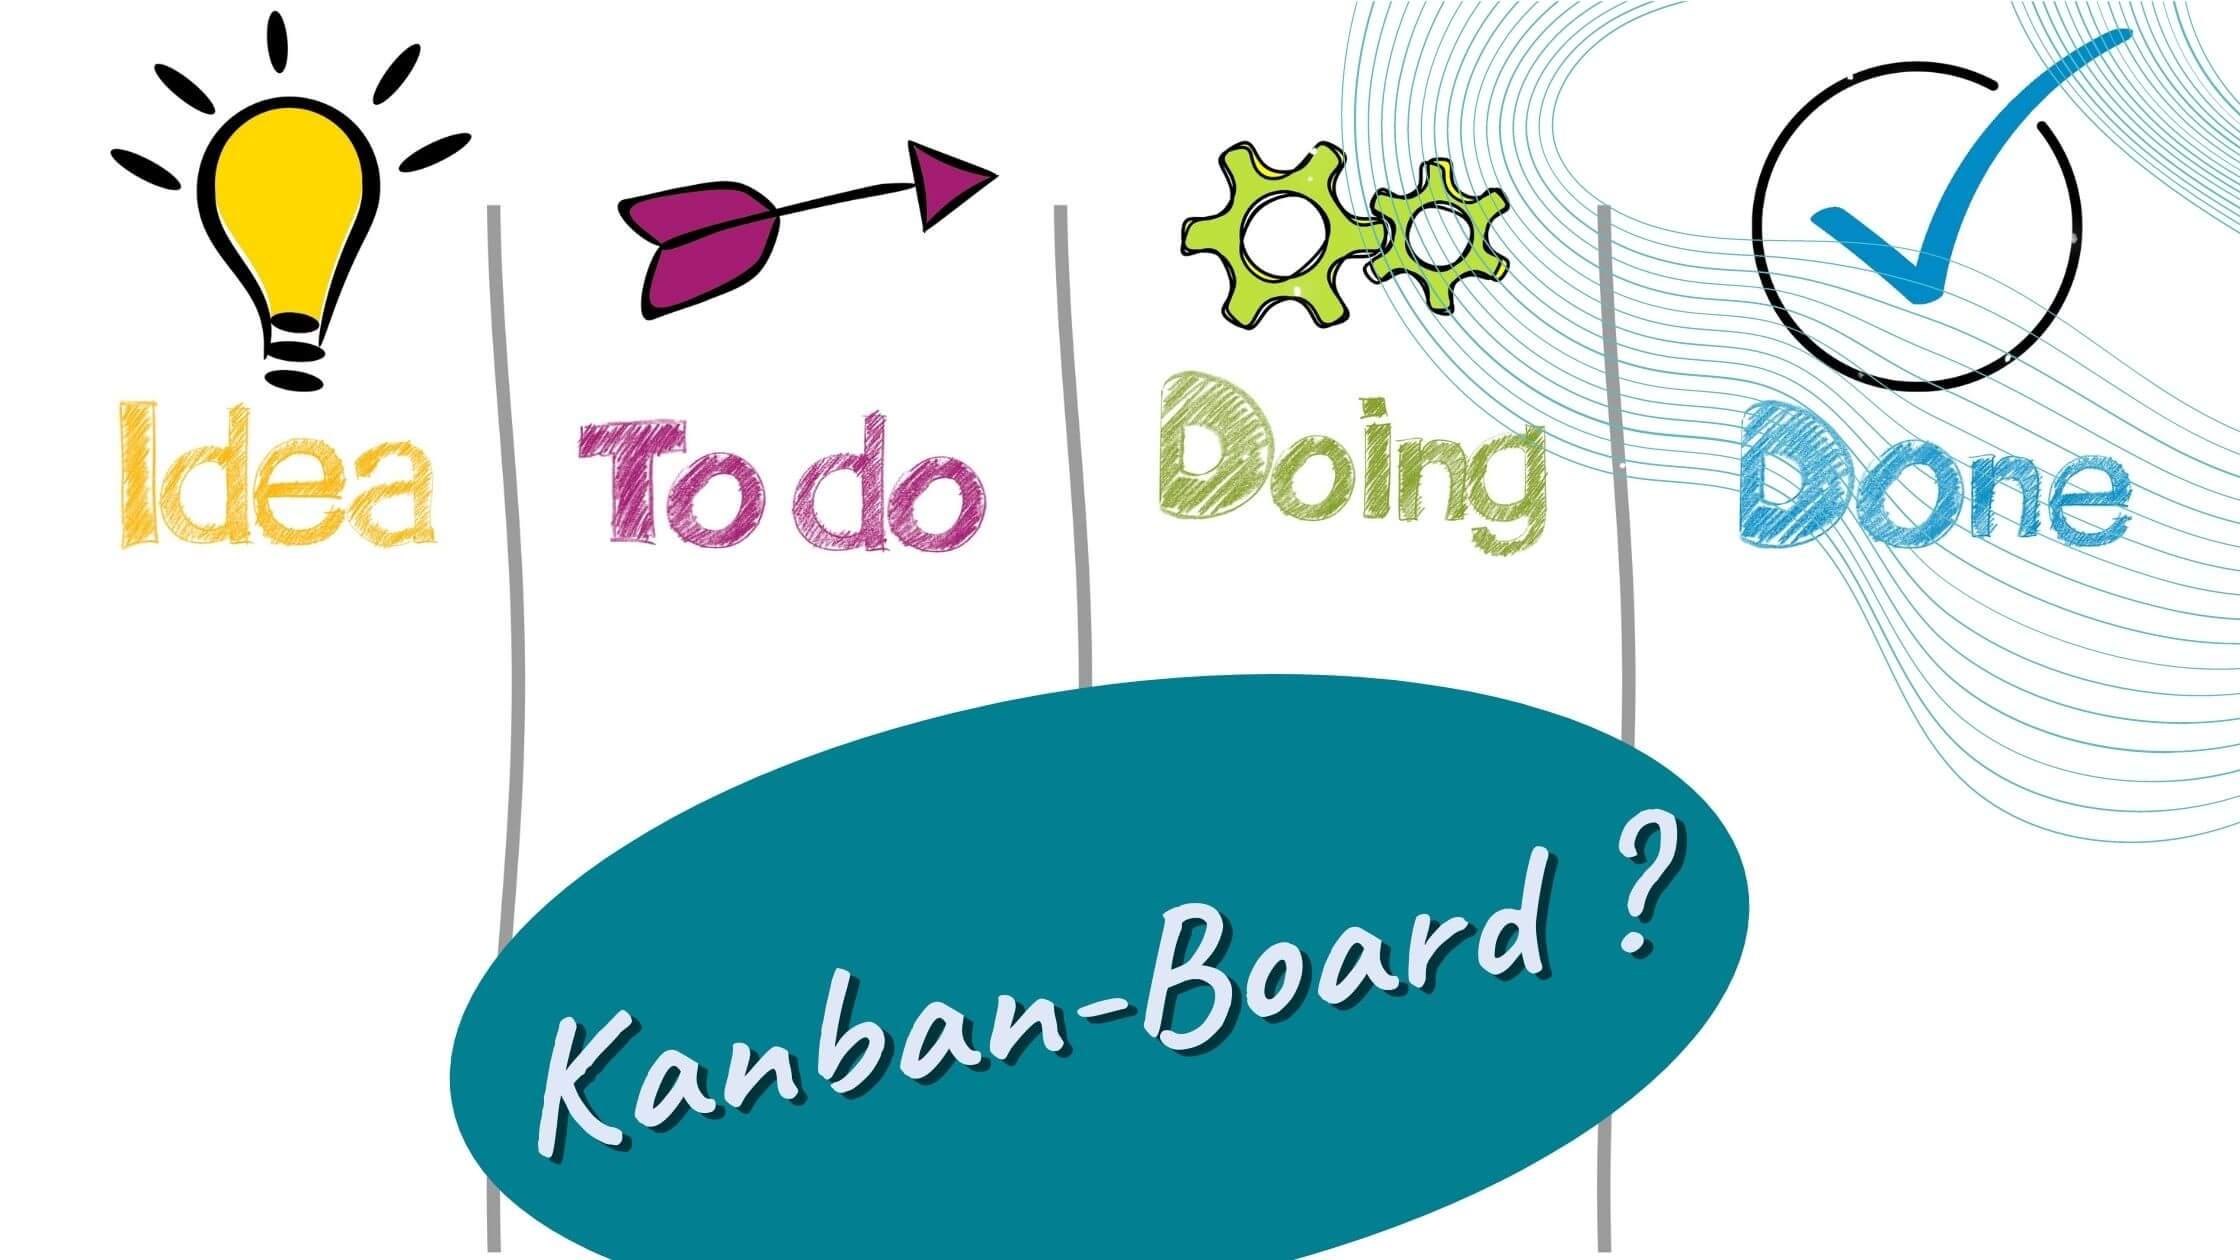 Was ist ein Kanban-Board?